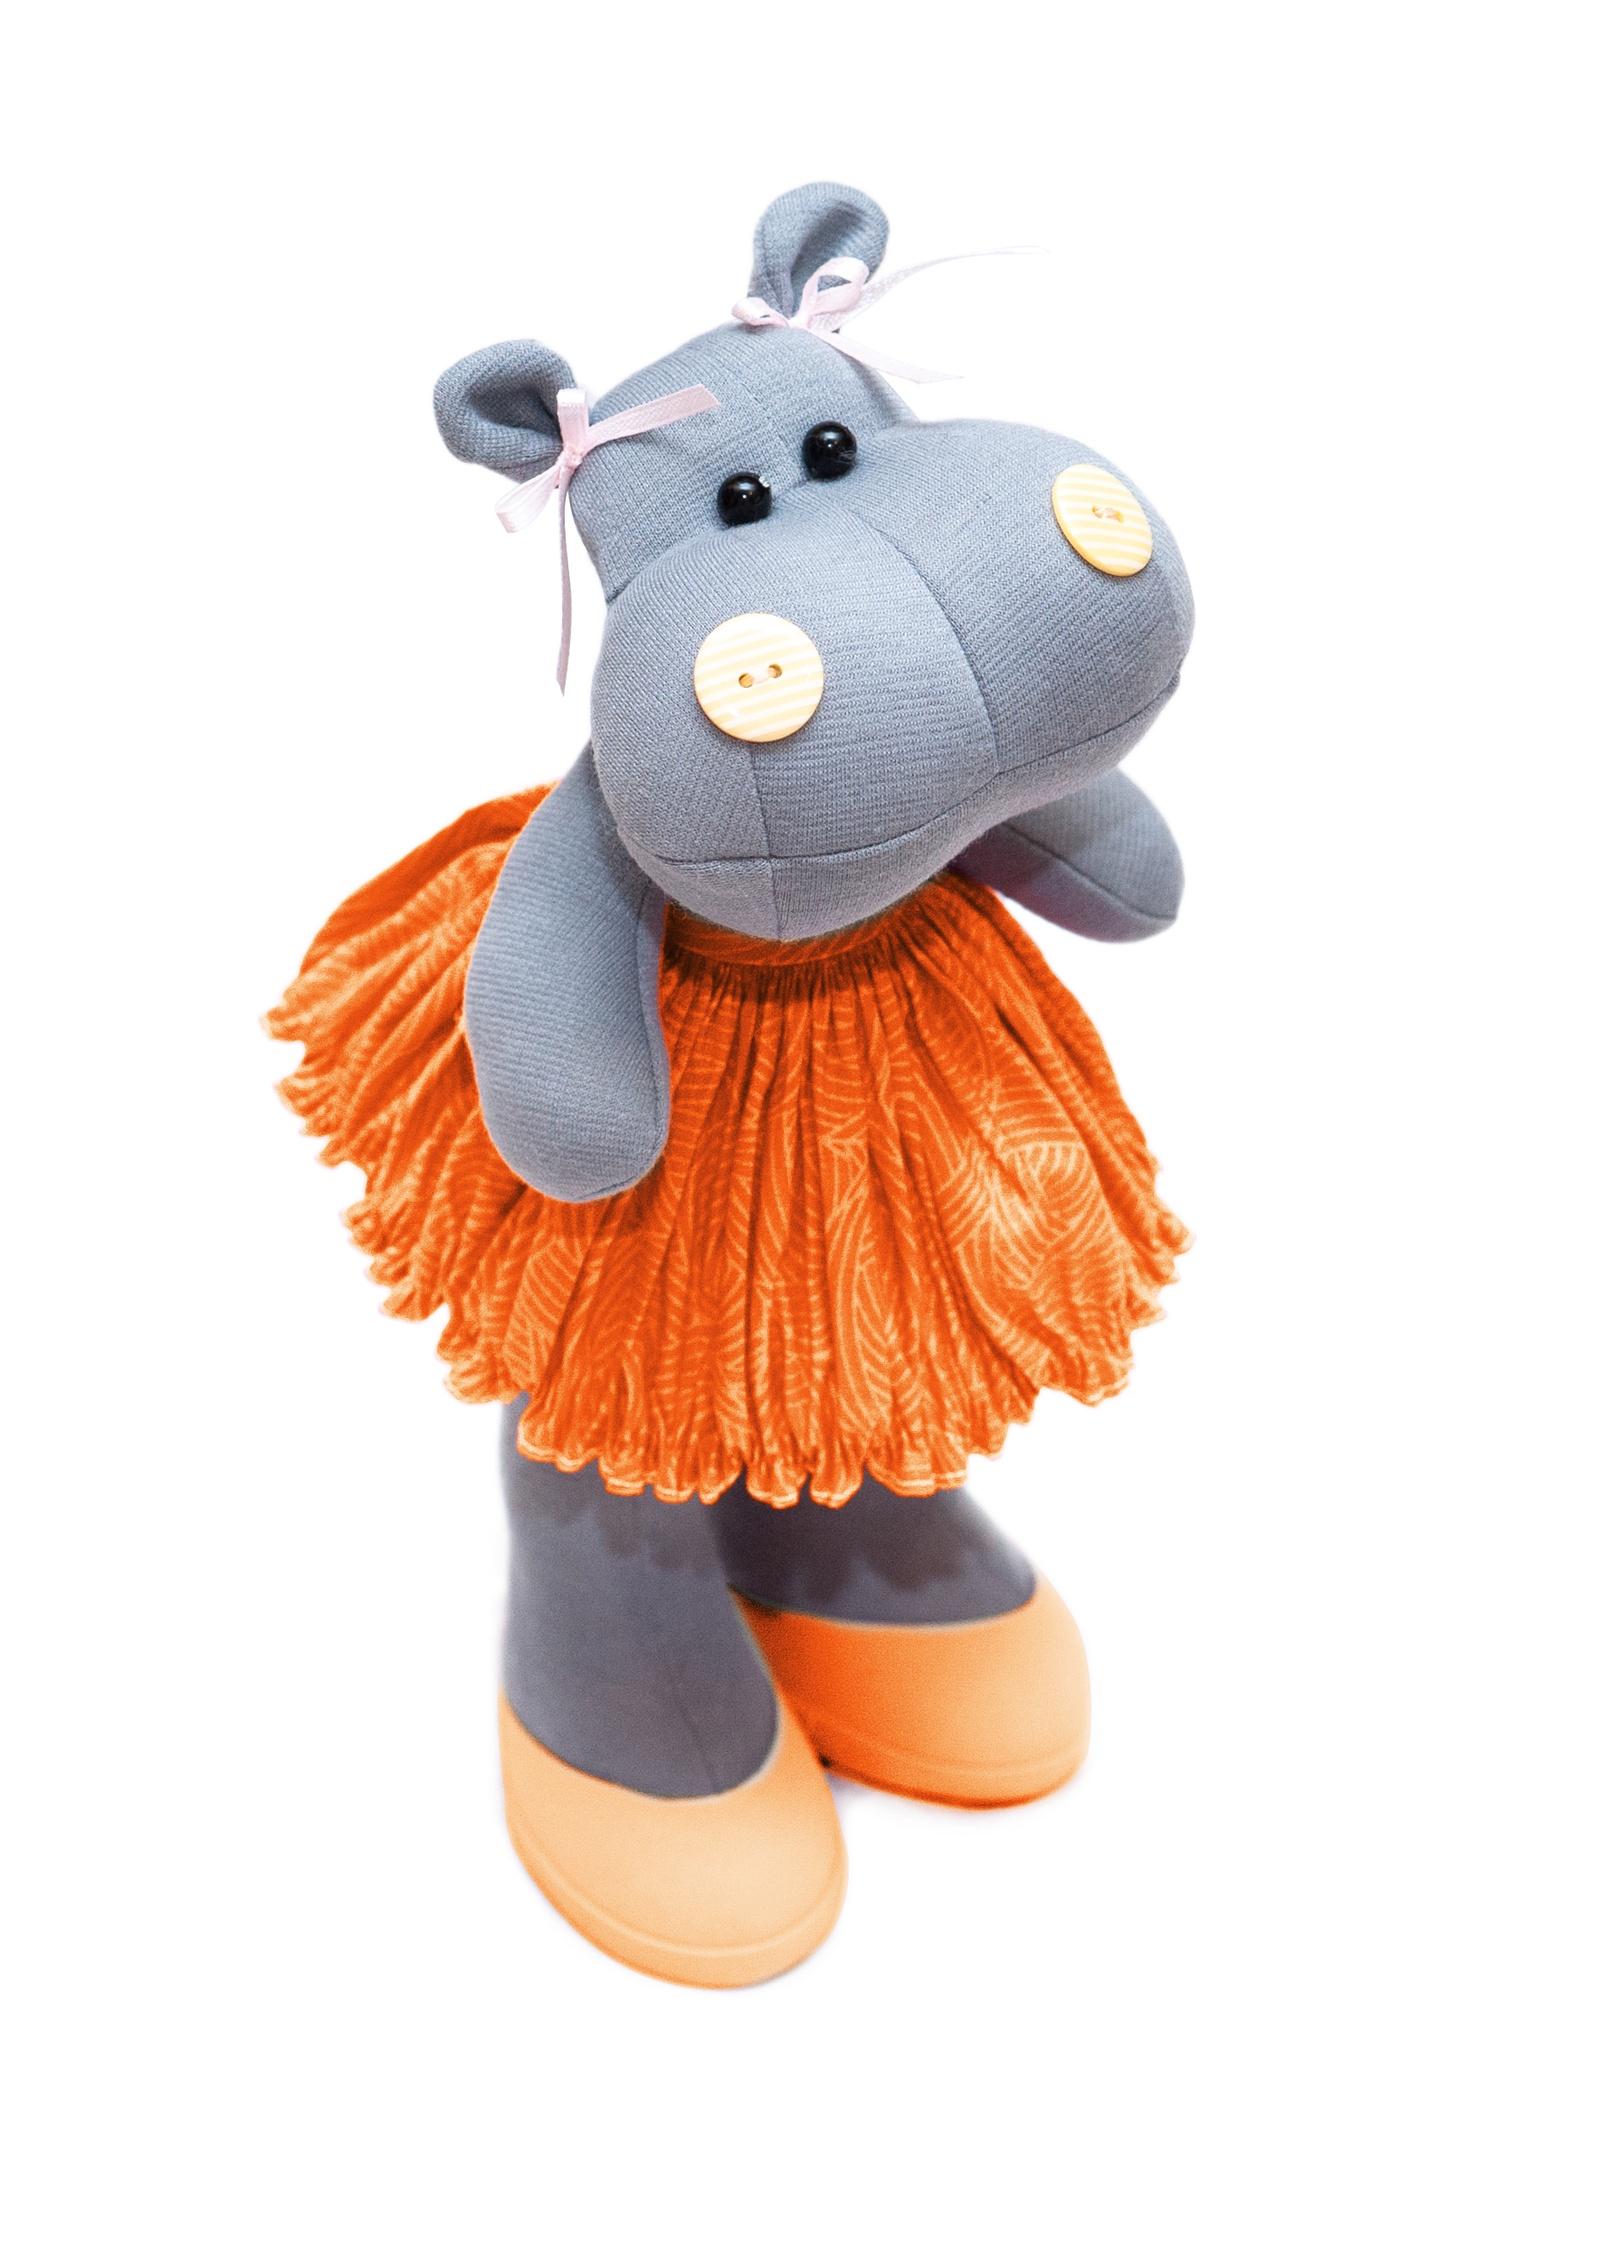 Набор для изготовления игрушки Кукольная фея Б-4.25.5 тата симонян 2019 05 25t18 00